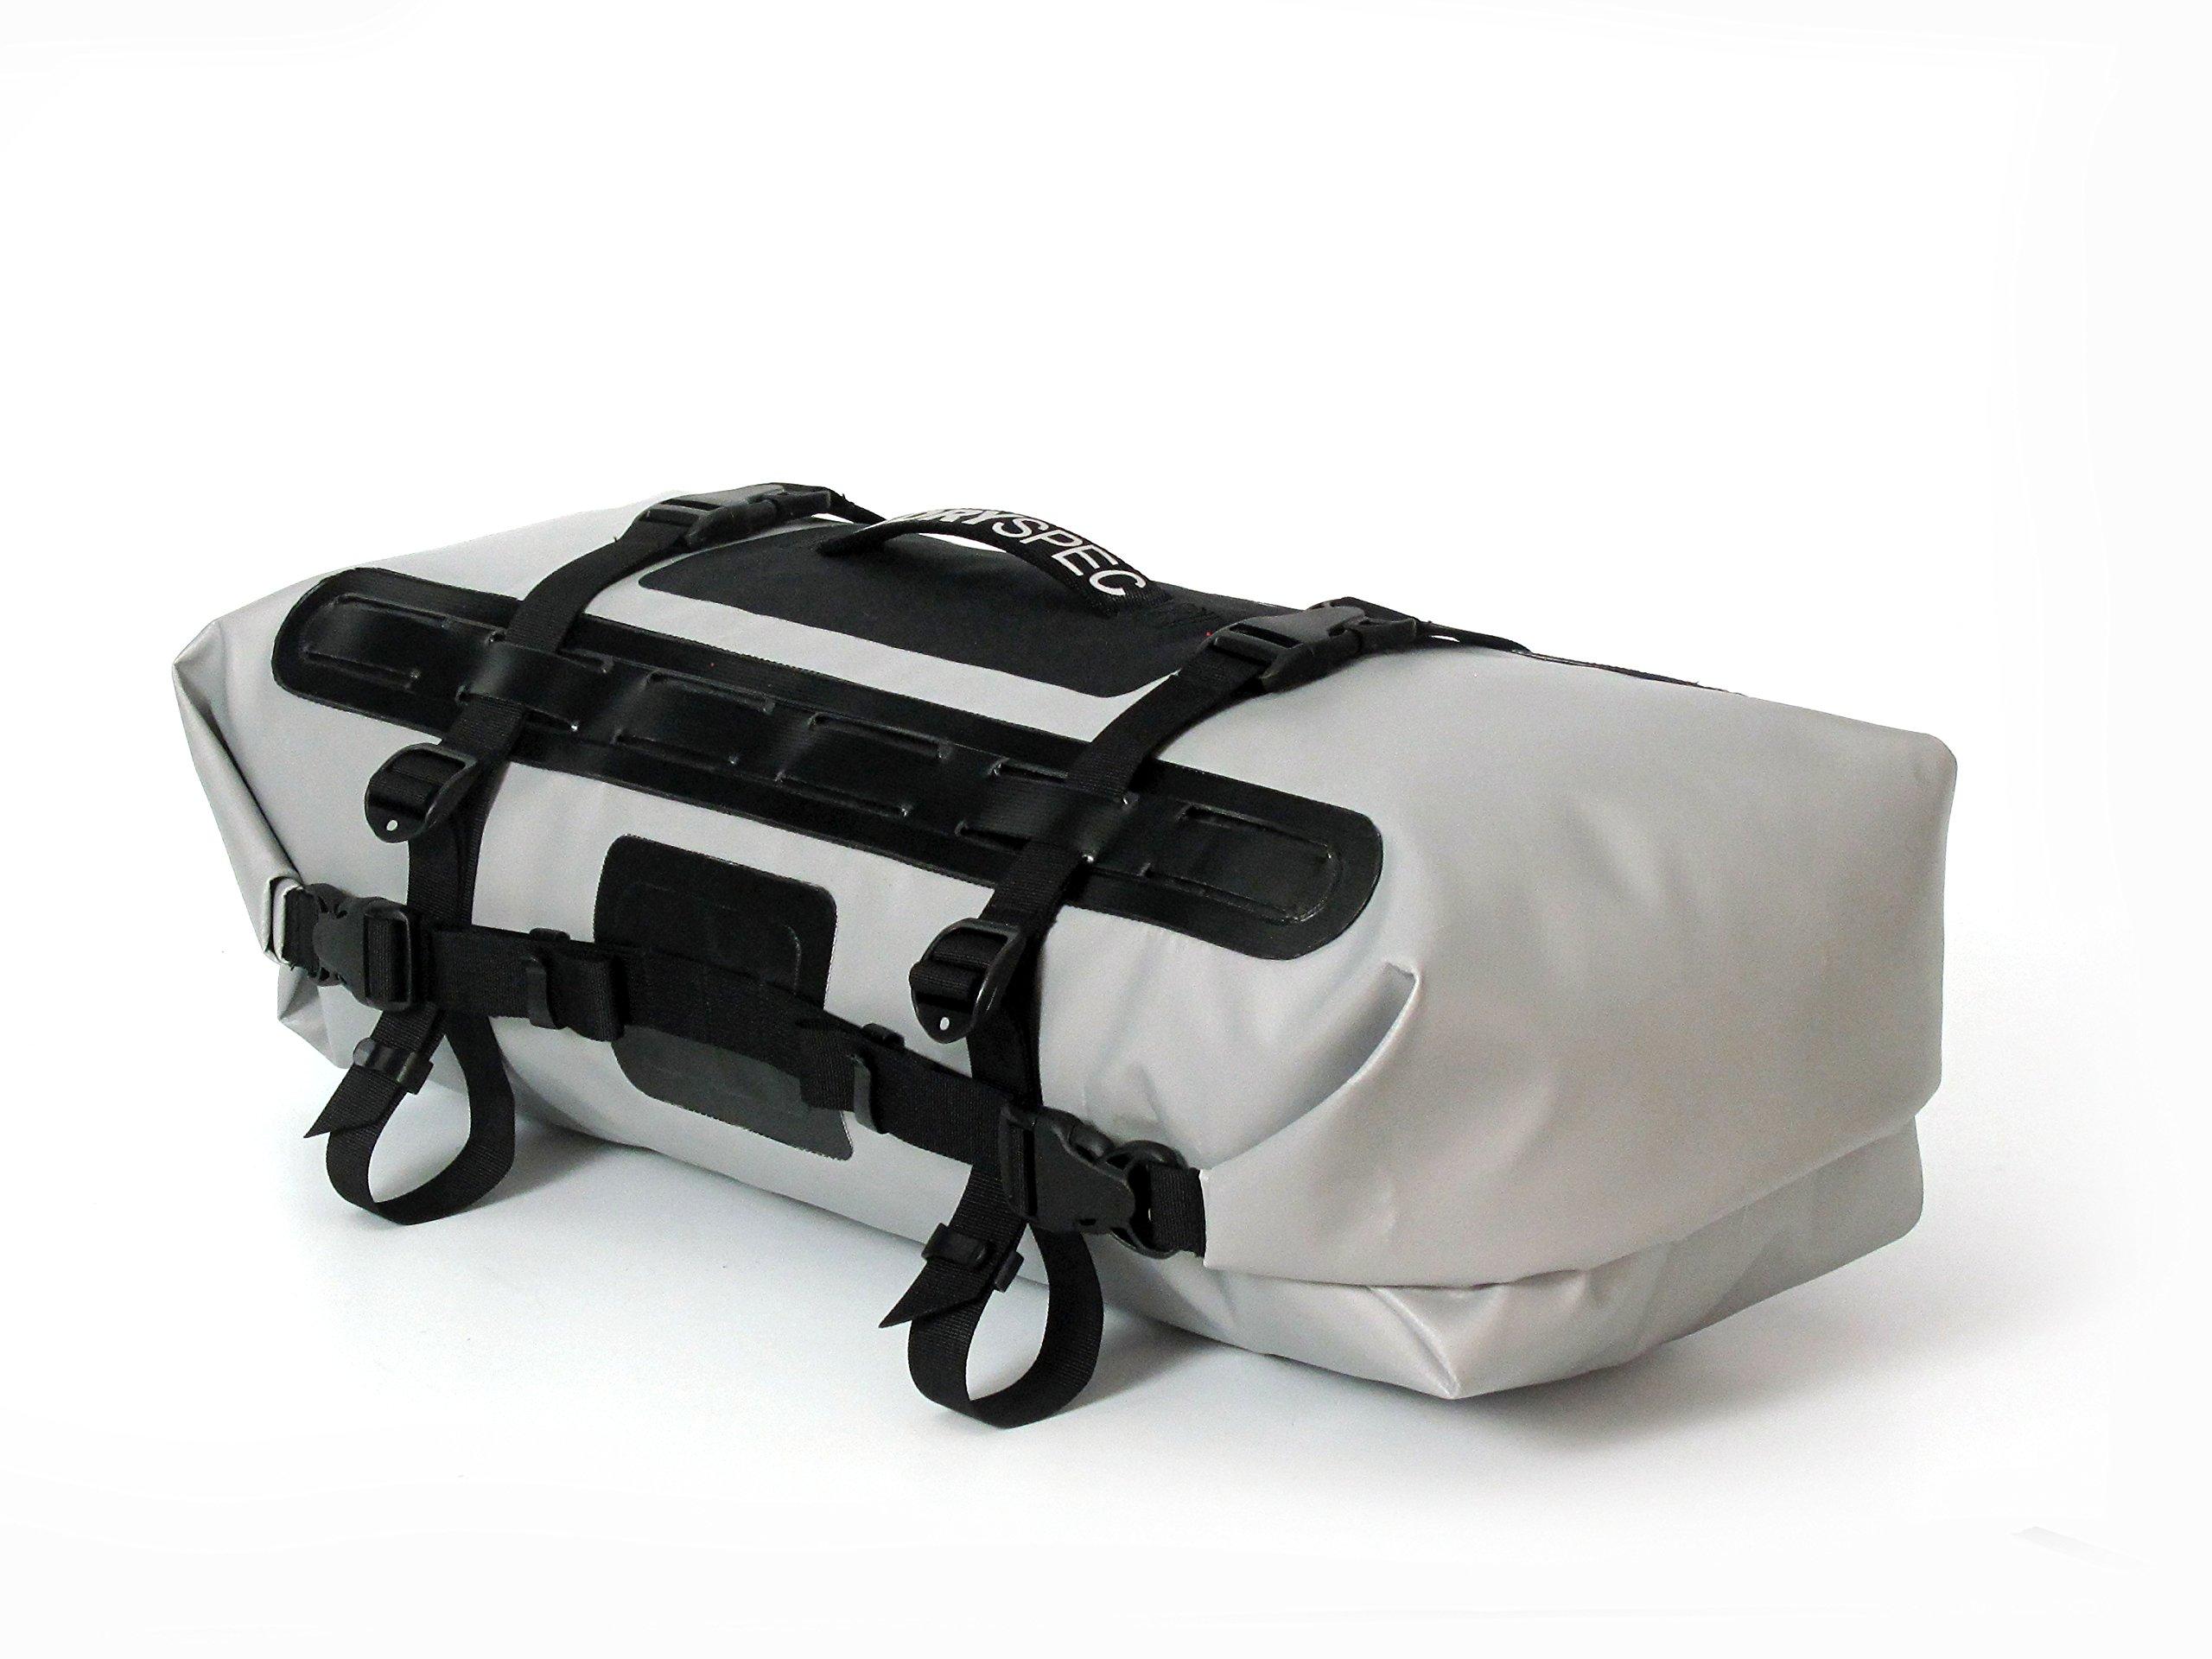 Dryspec 112505 D28 Grey Dual-End Waterproof Motorcycle Dry Bag - 28 L Capacity